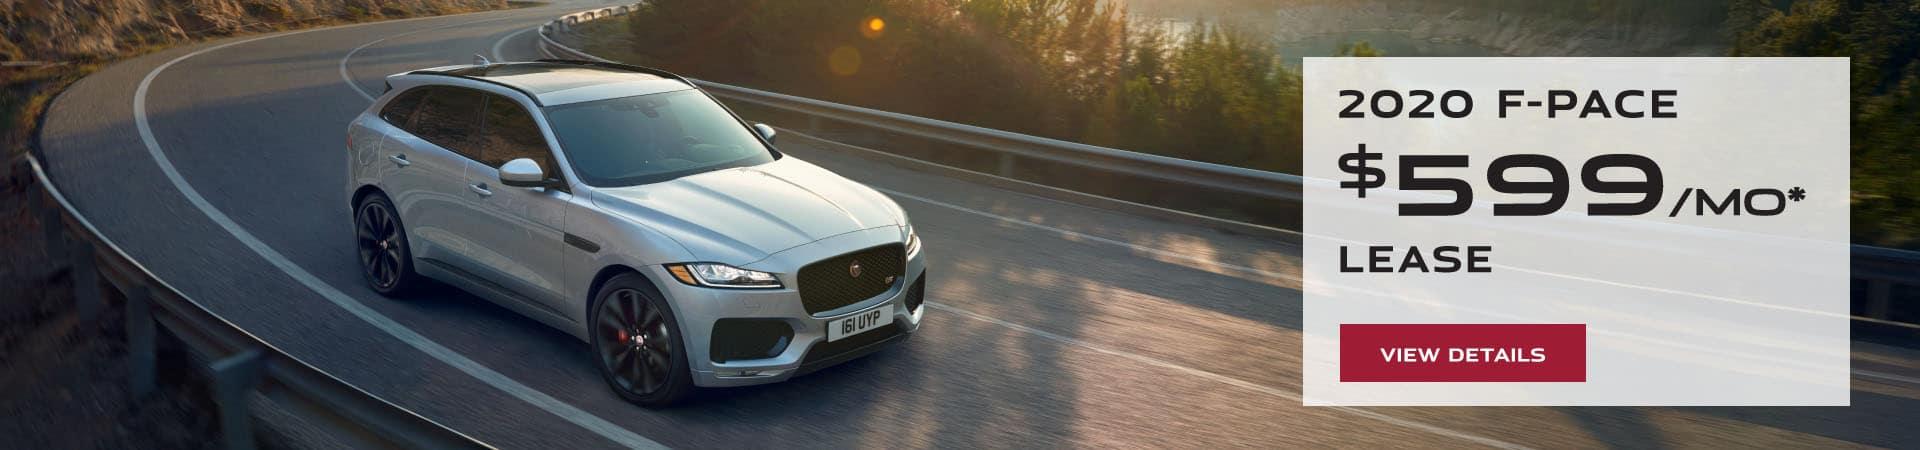 Autobahn Jaguar Fort Worth | $599 F-PACE Lease